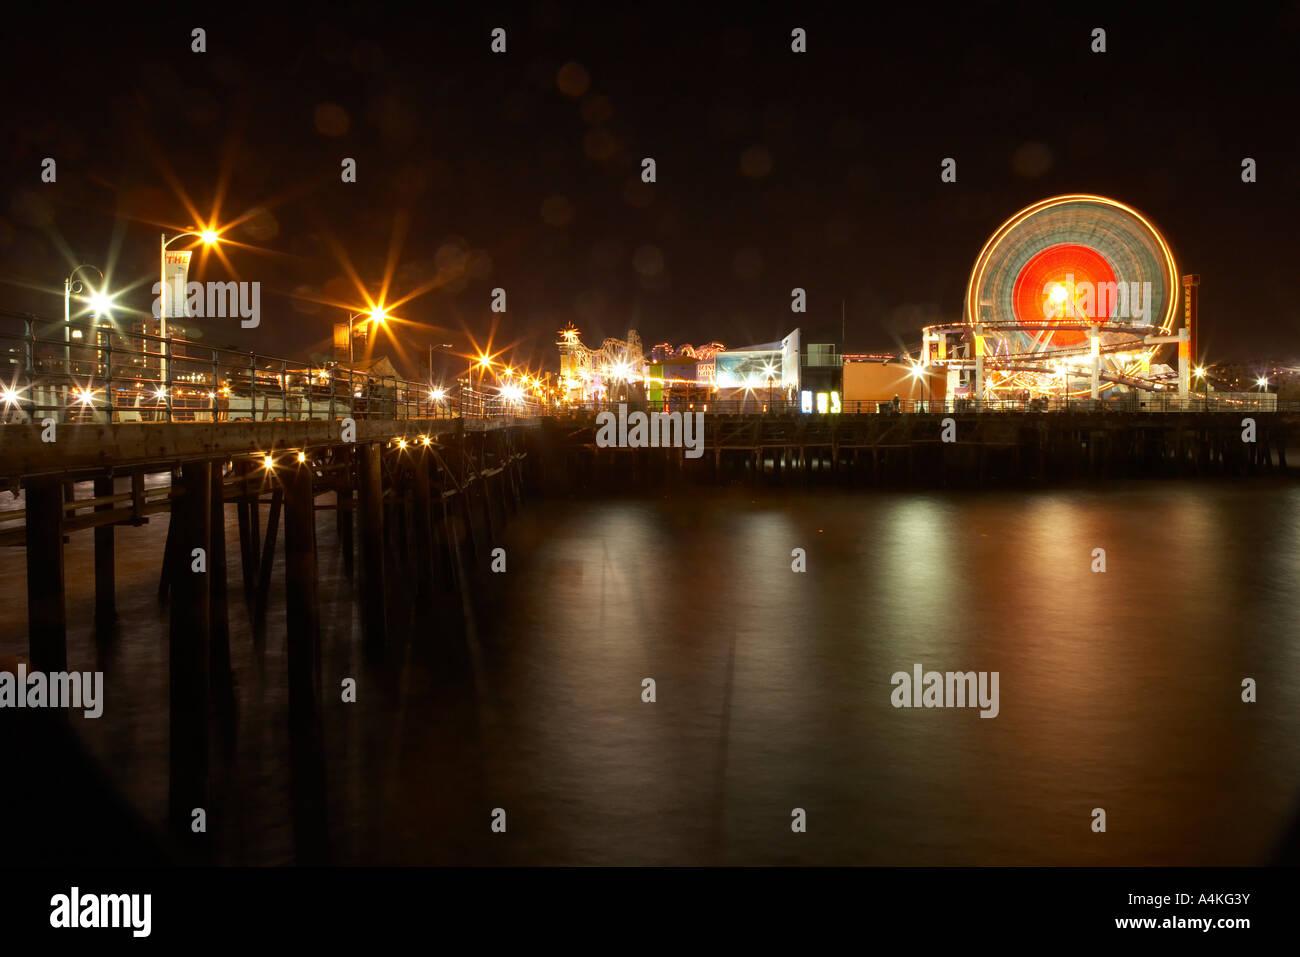 Langzeitbelichtung des Riesenrads am Pier, Santa Monica-Los Angeles-Kalifornien, USA. Stockbild